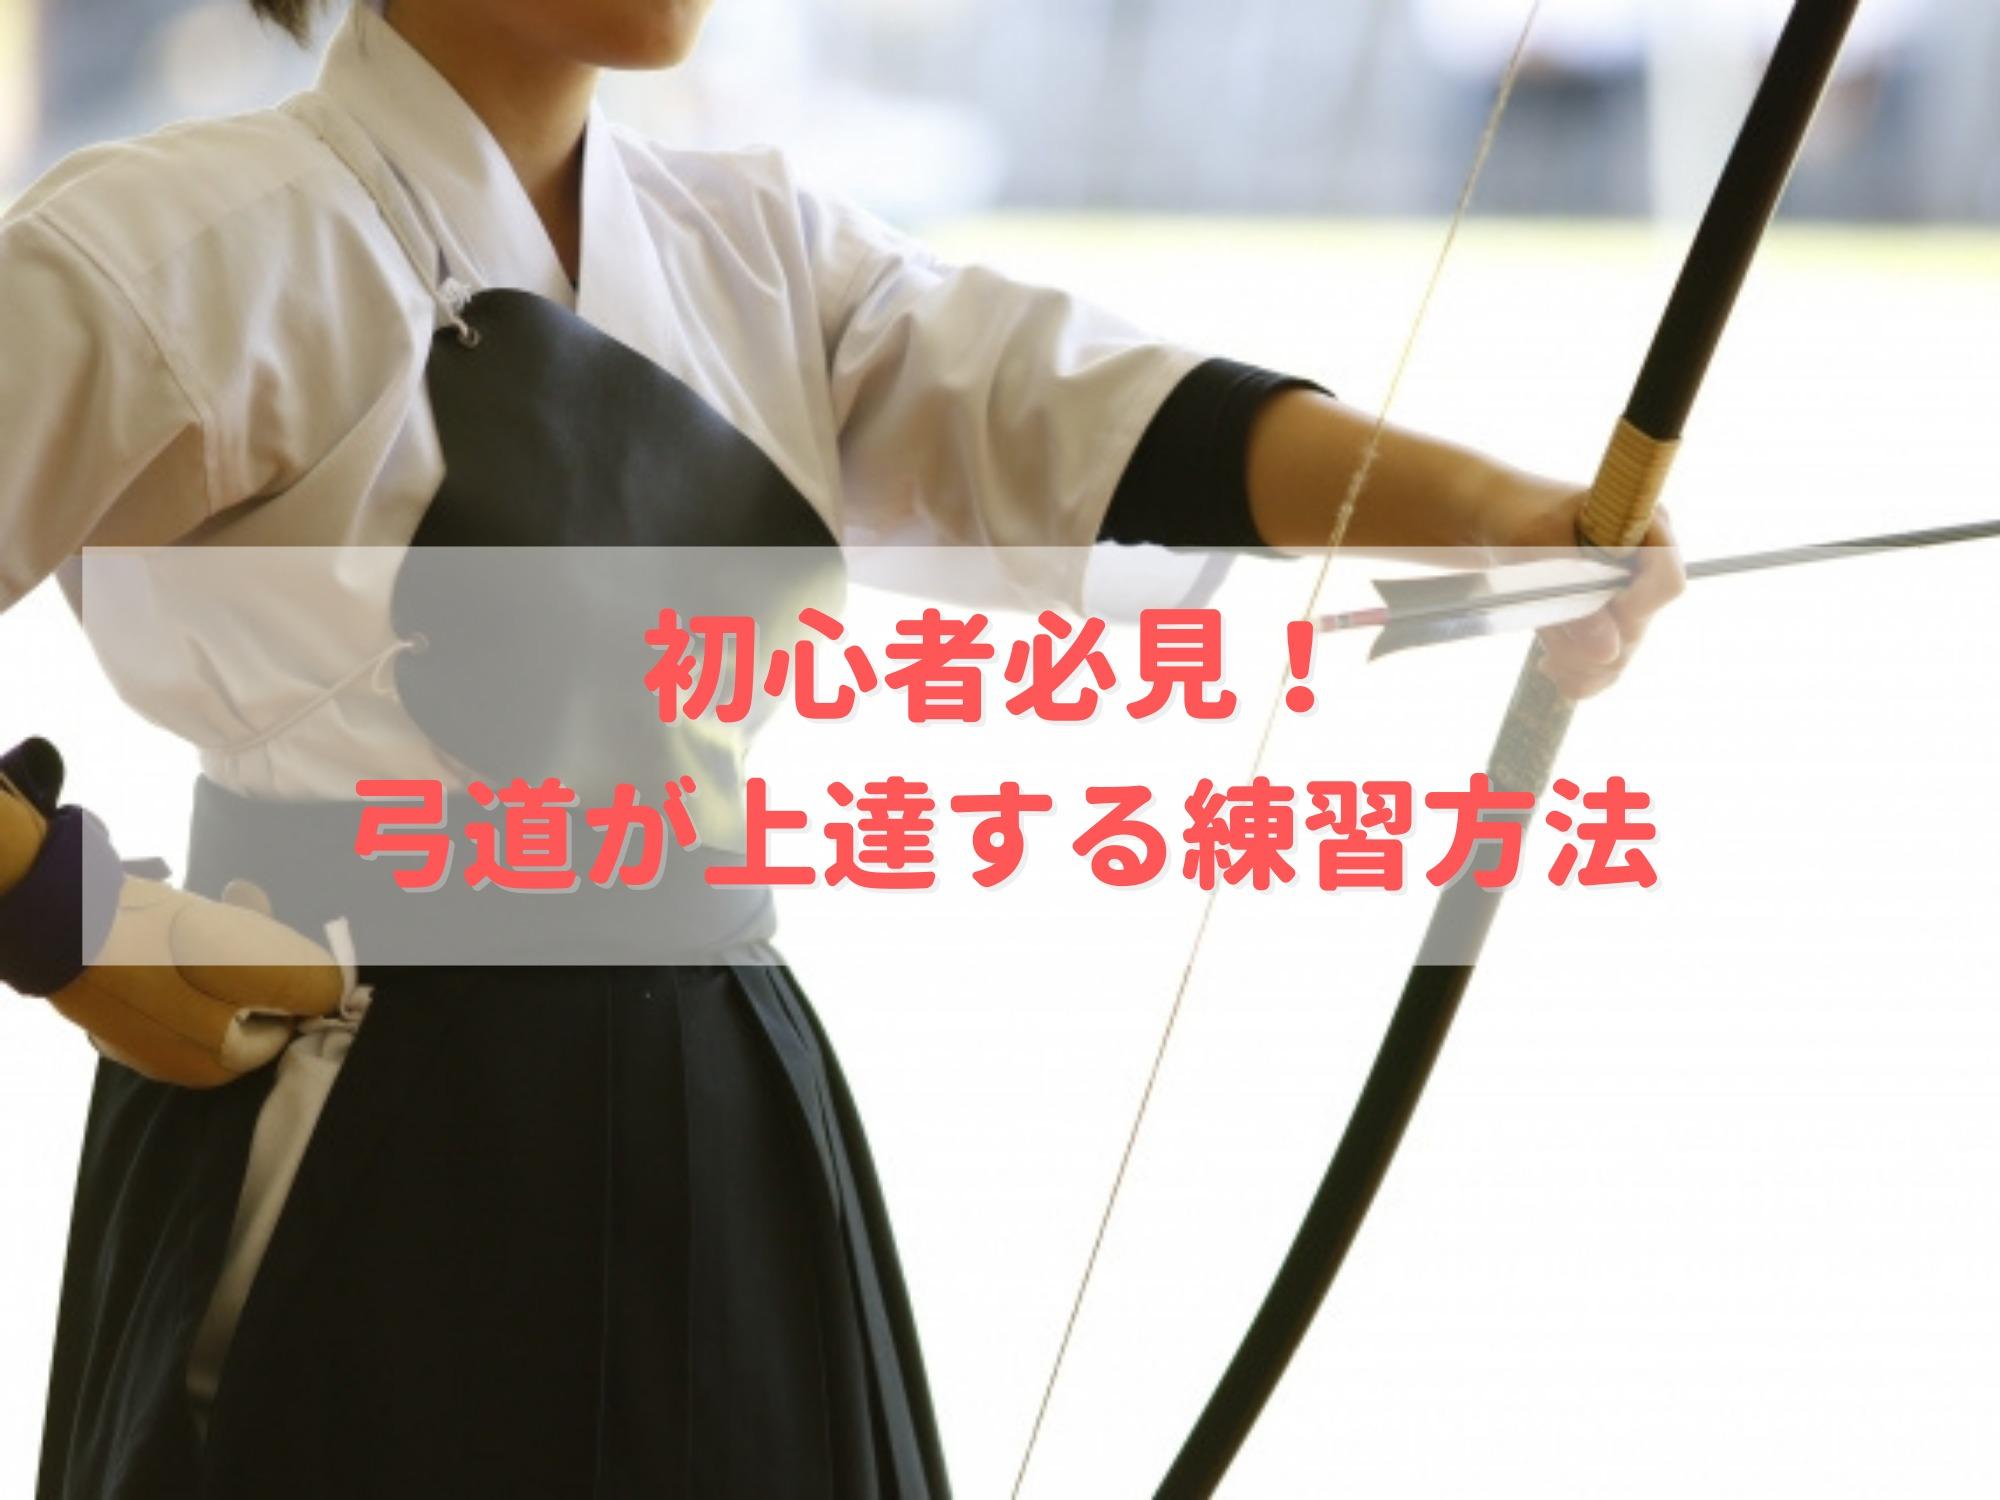 弓道が上達する練習方法のキービジュアル